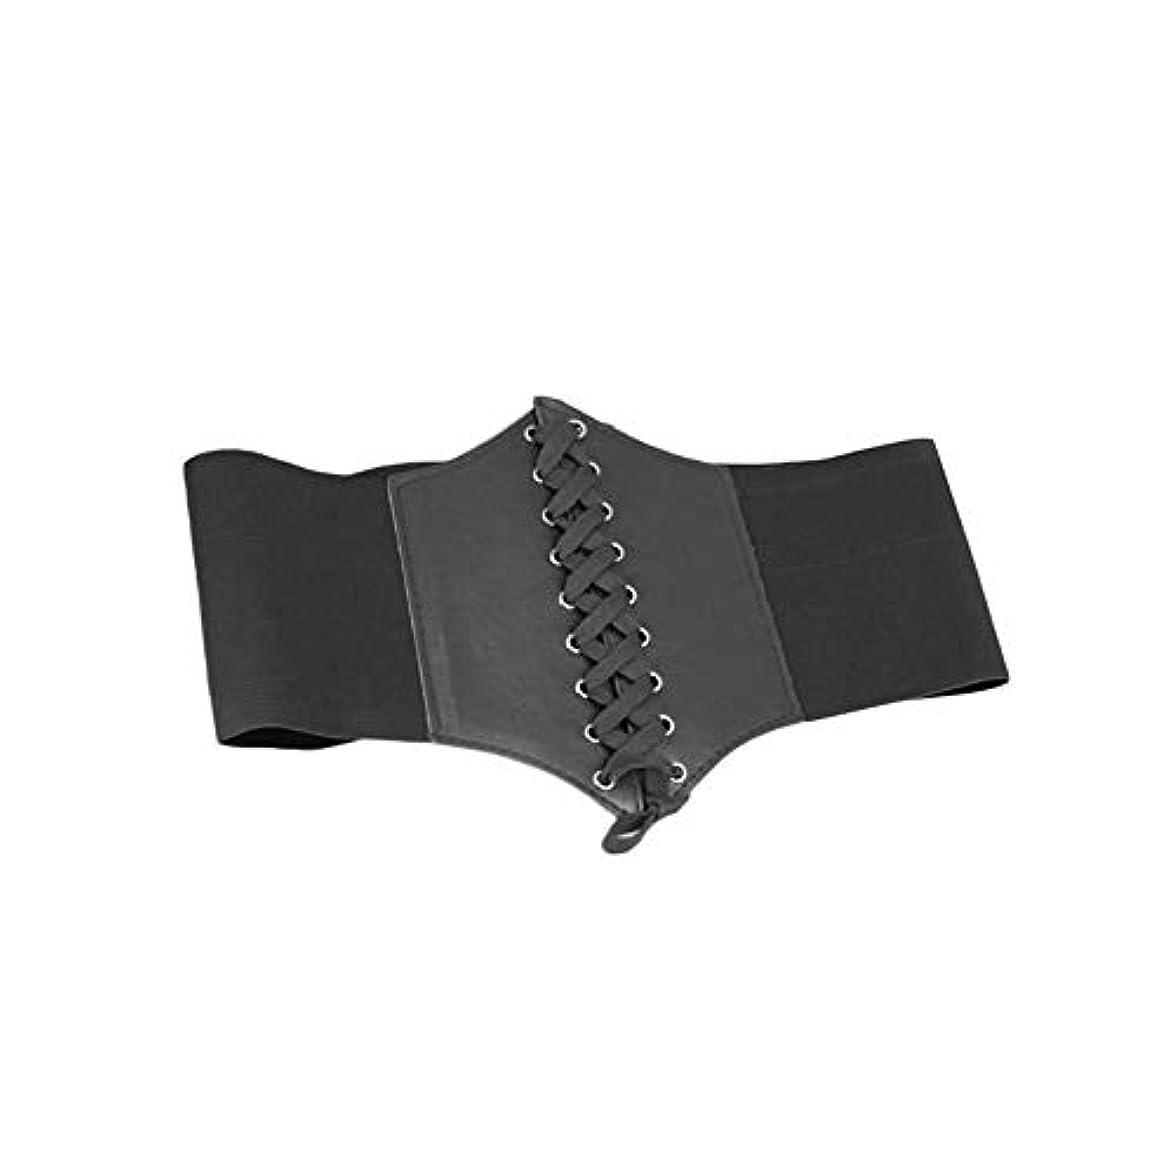 必需品適応刑務所女性ヴィンテージソリッドベルトウエストニッパーレースアップコルセット包帯ハイストレッチ調節可能なネクタイワイドウエストバンド用女性 - 黒